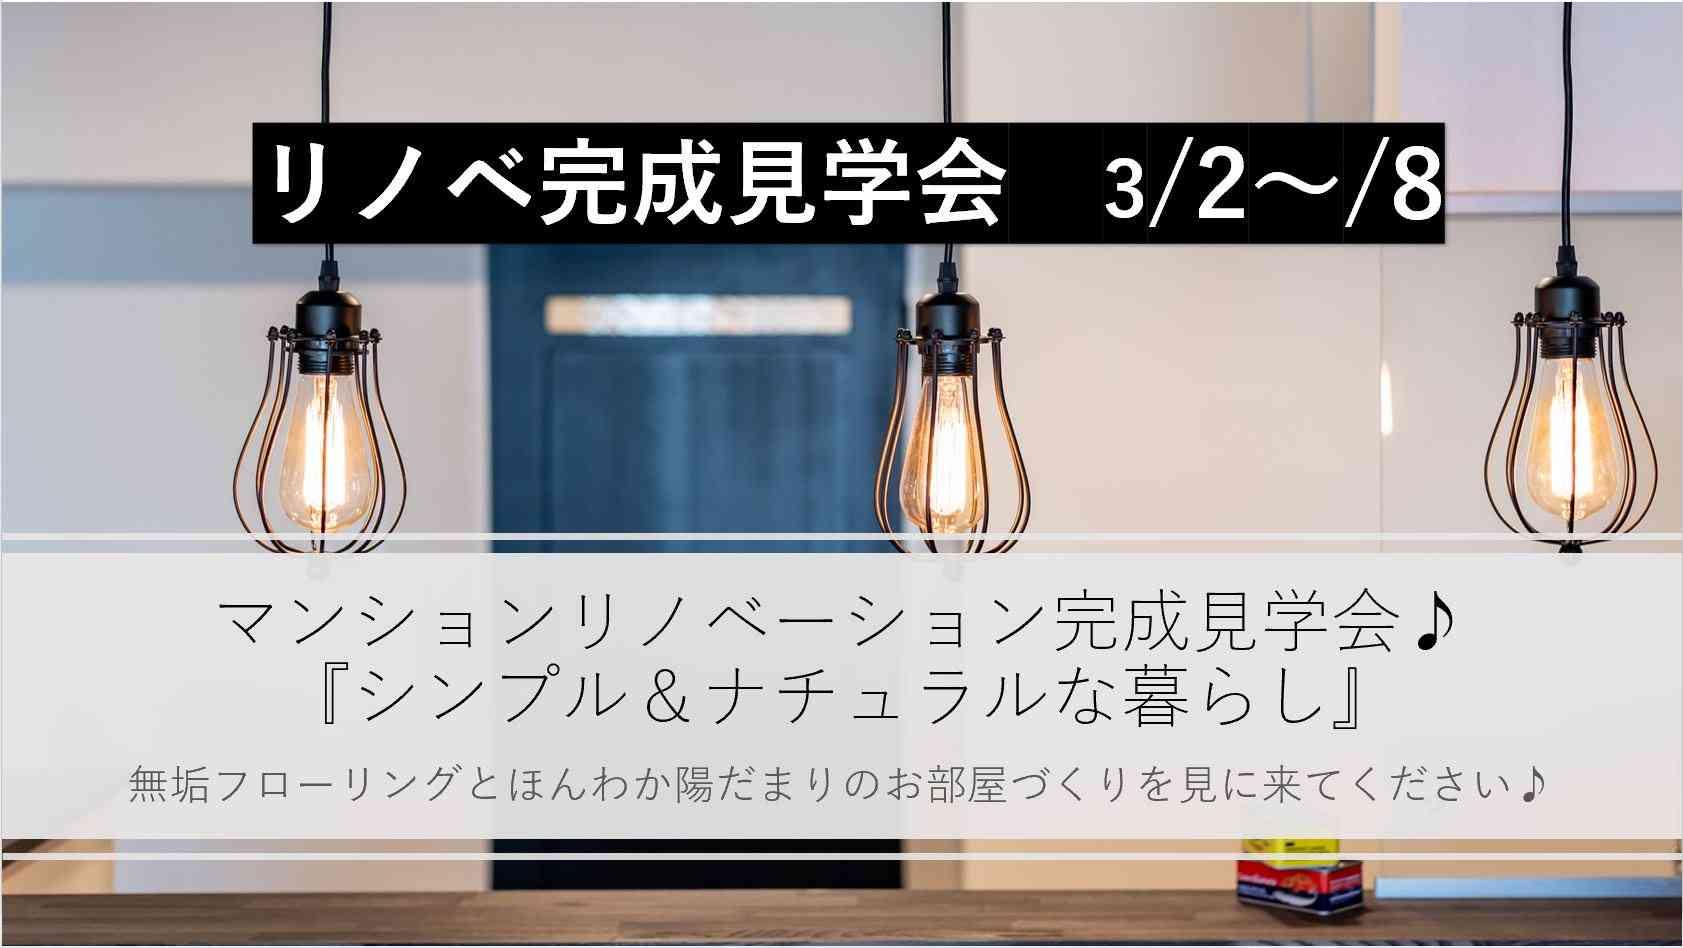 『無垢と暮らすシンプル&ナチュラルな暮らし』マンションリノベーション完成見学会①